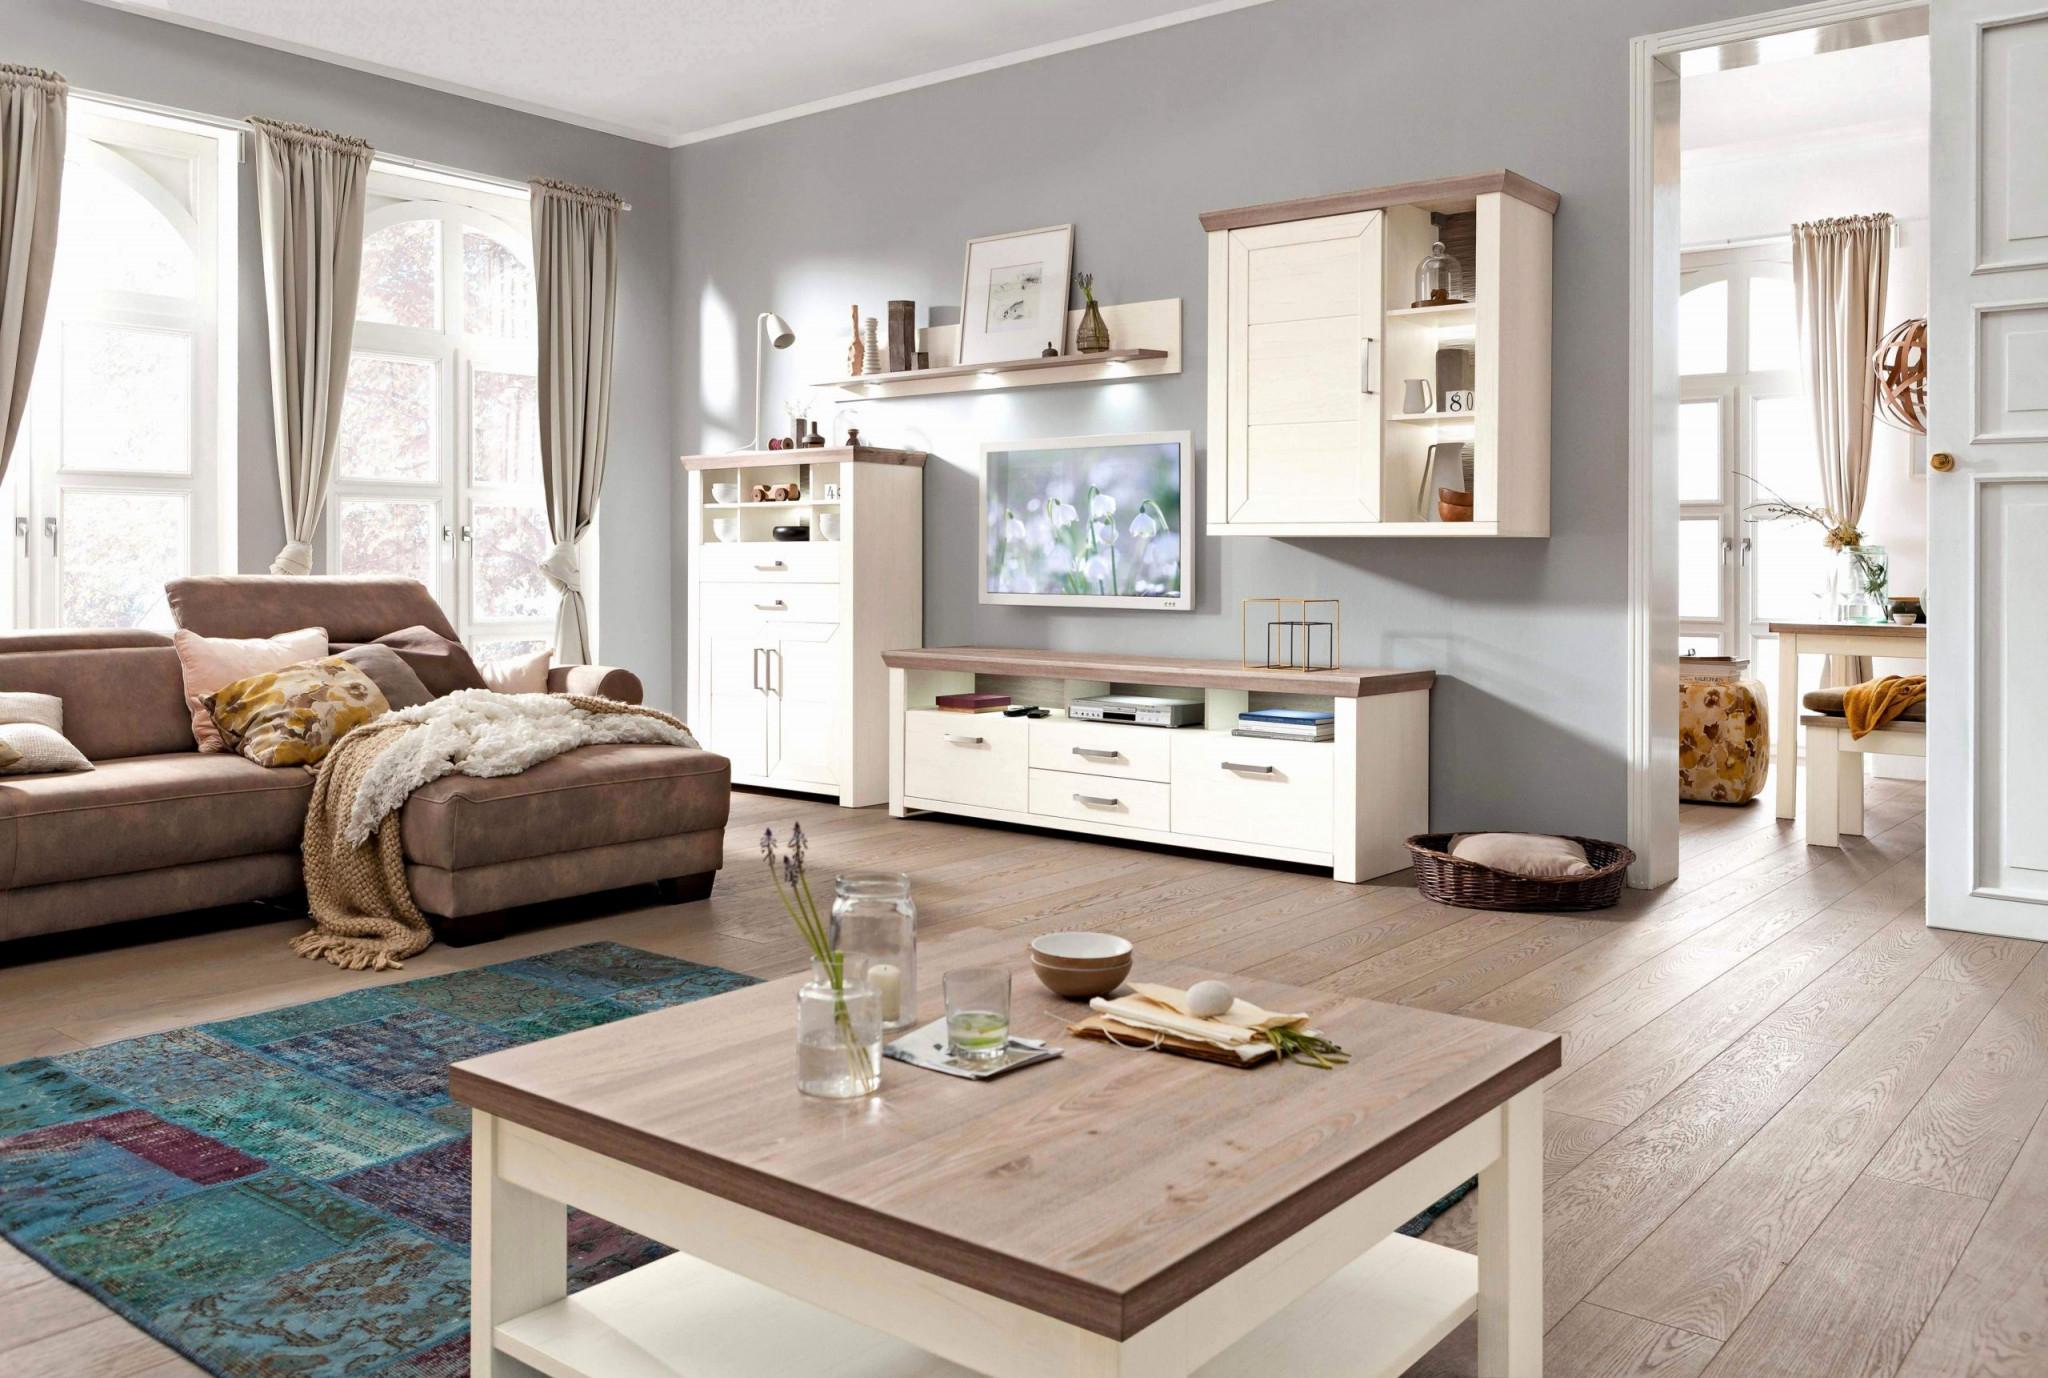 Wohnzimmer Landhausstil Gestalten Schön 25 Luxus Wohnzimmer von Bilder Wohnzimmer Landhausstil Bild